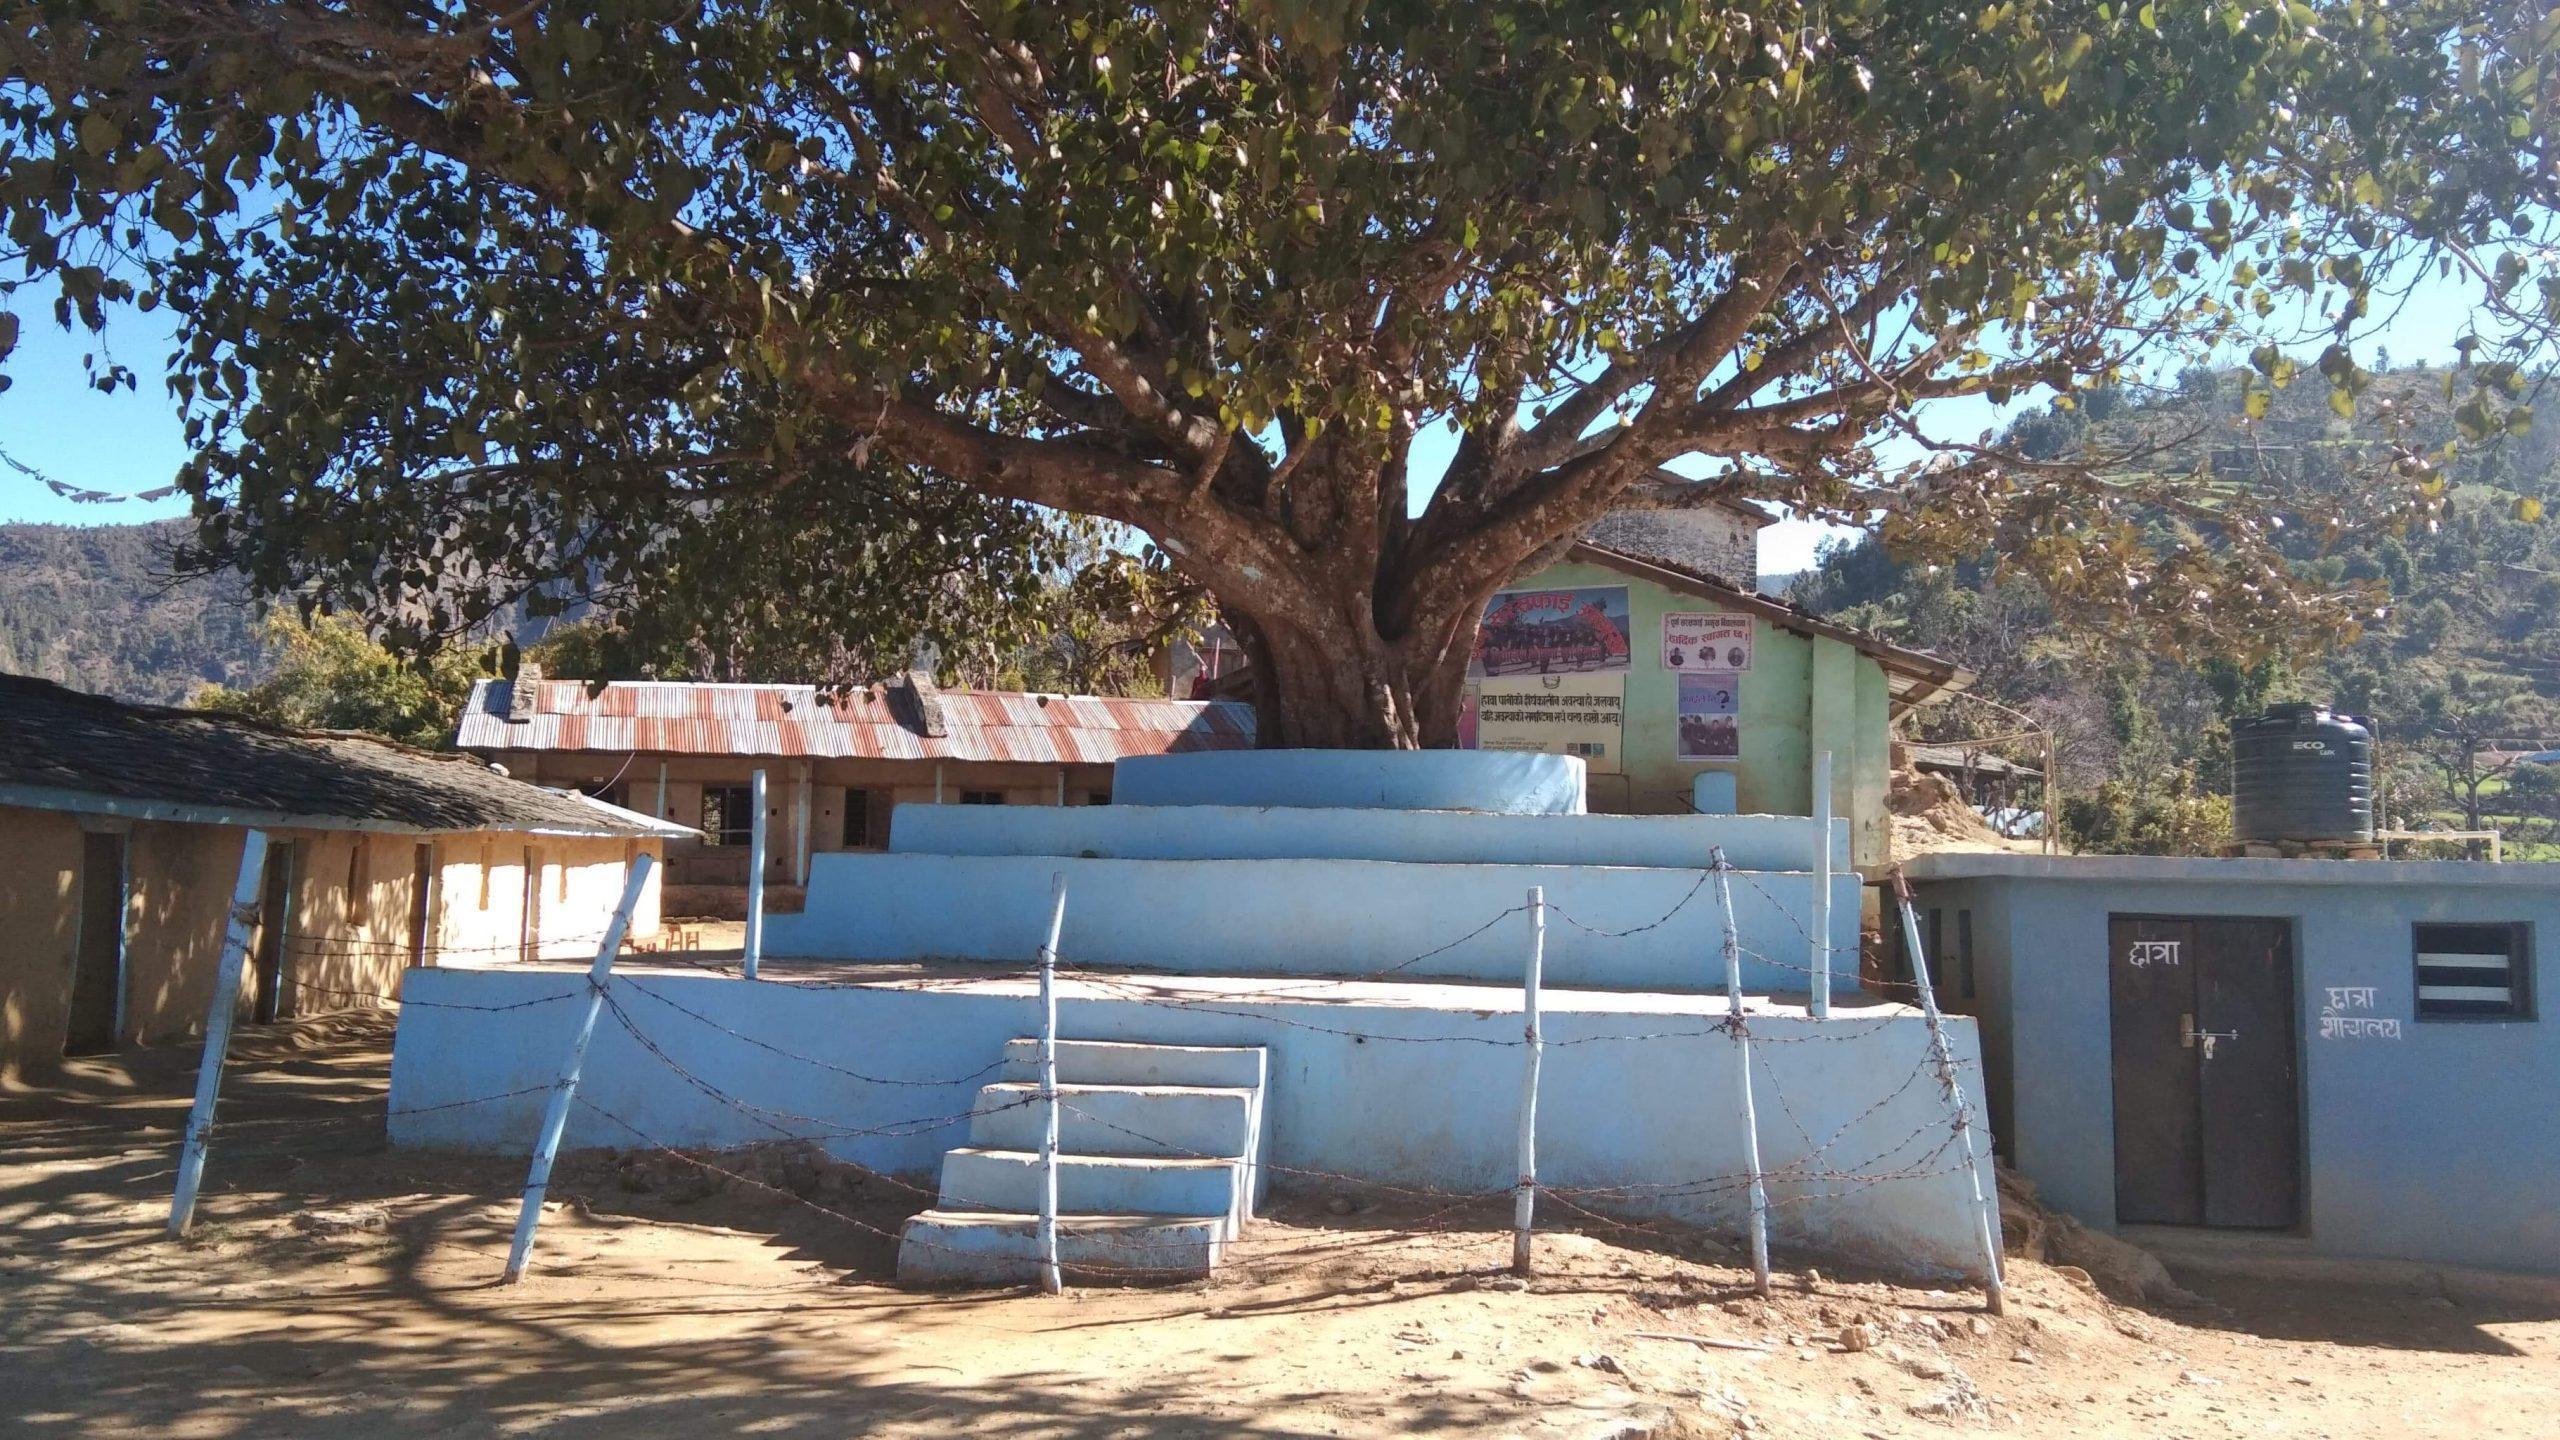 रुकुममा भारत बाट फर्केका ७० जना खुसि हुदै क्वारेन्टाइनमा बसे